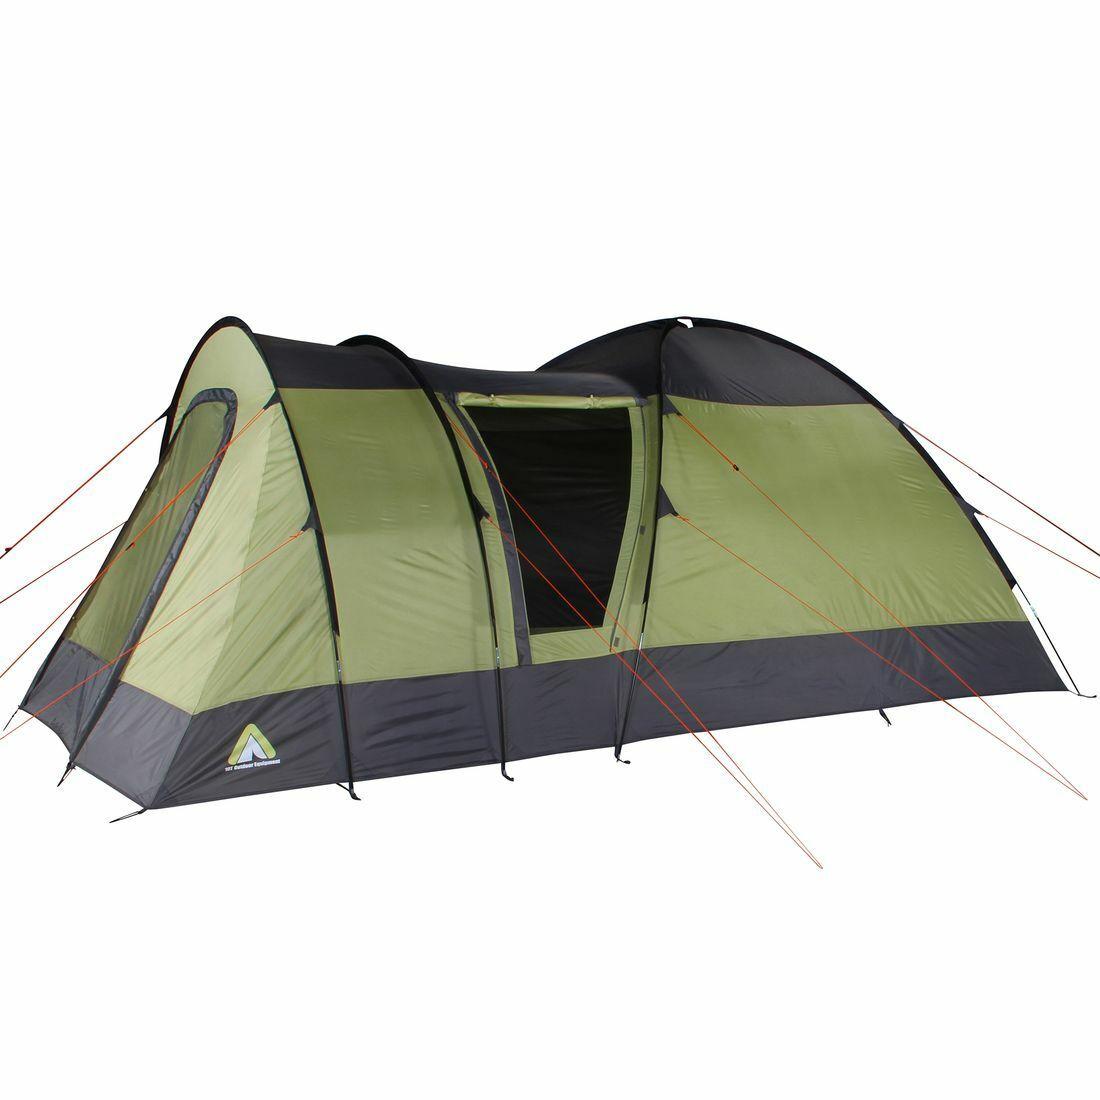 10T Kopenhagen 5 - 5 pers. trekking tent, waterproof with 200 cm height, green